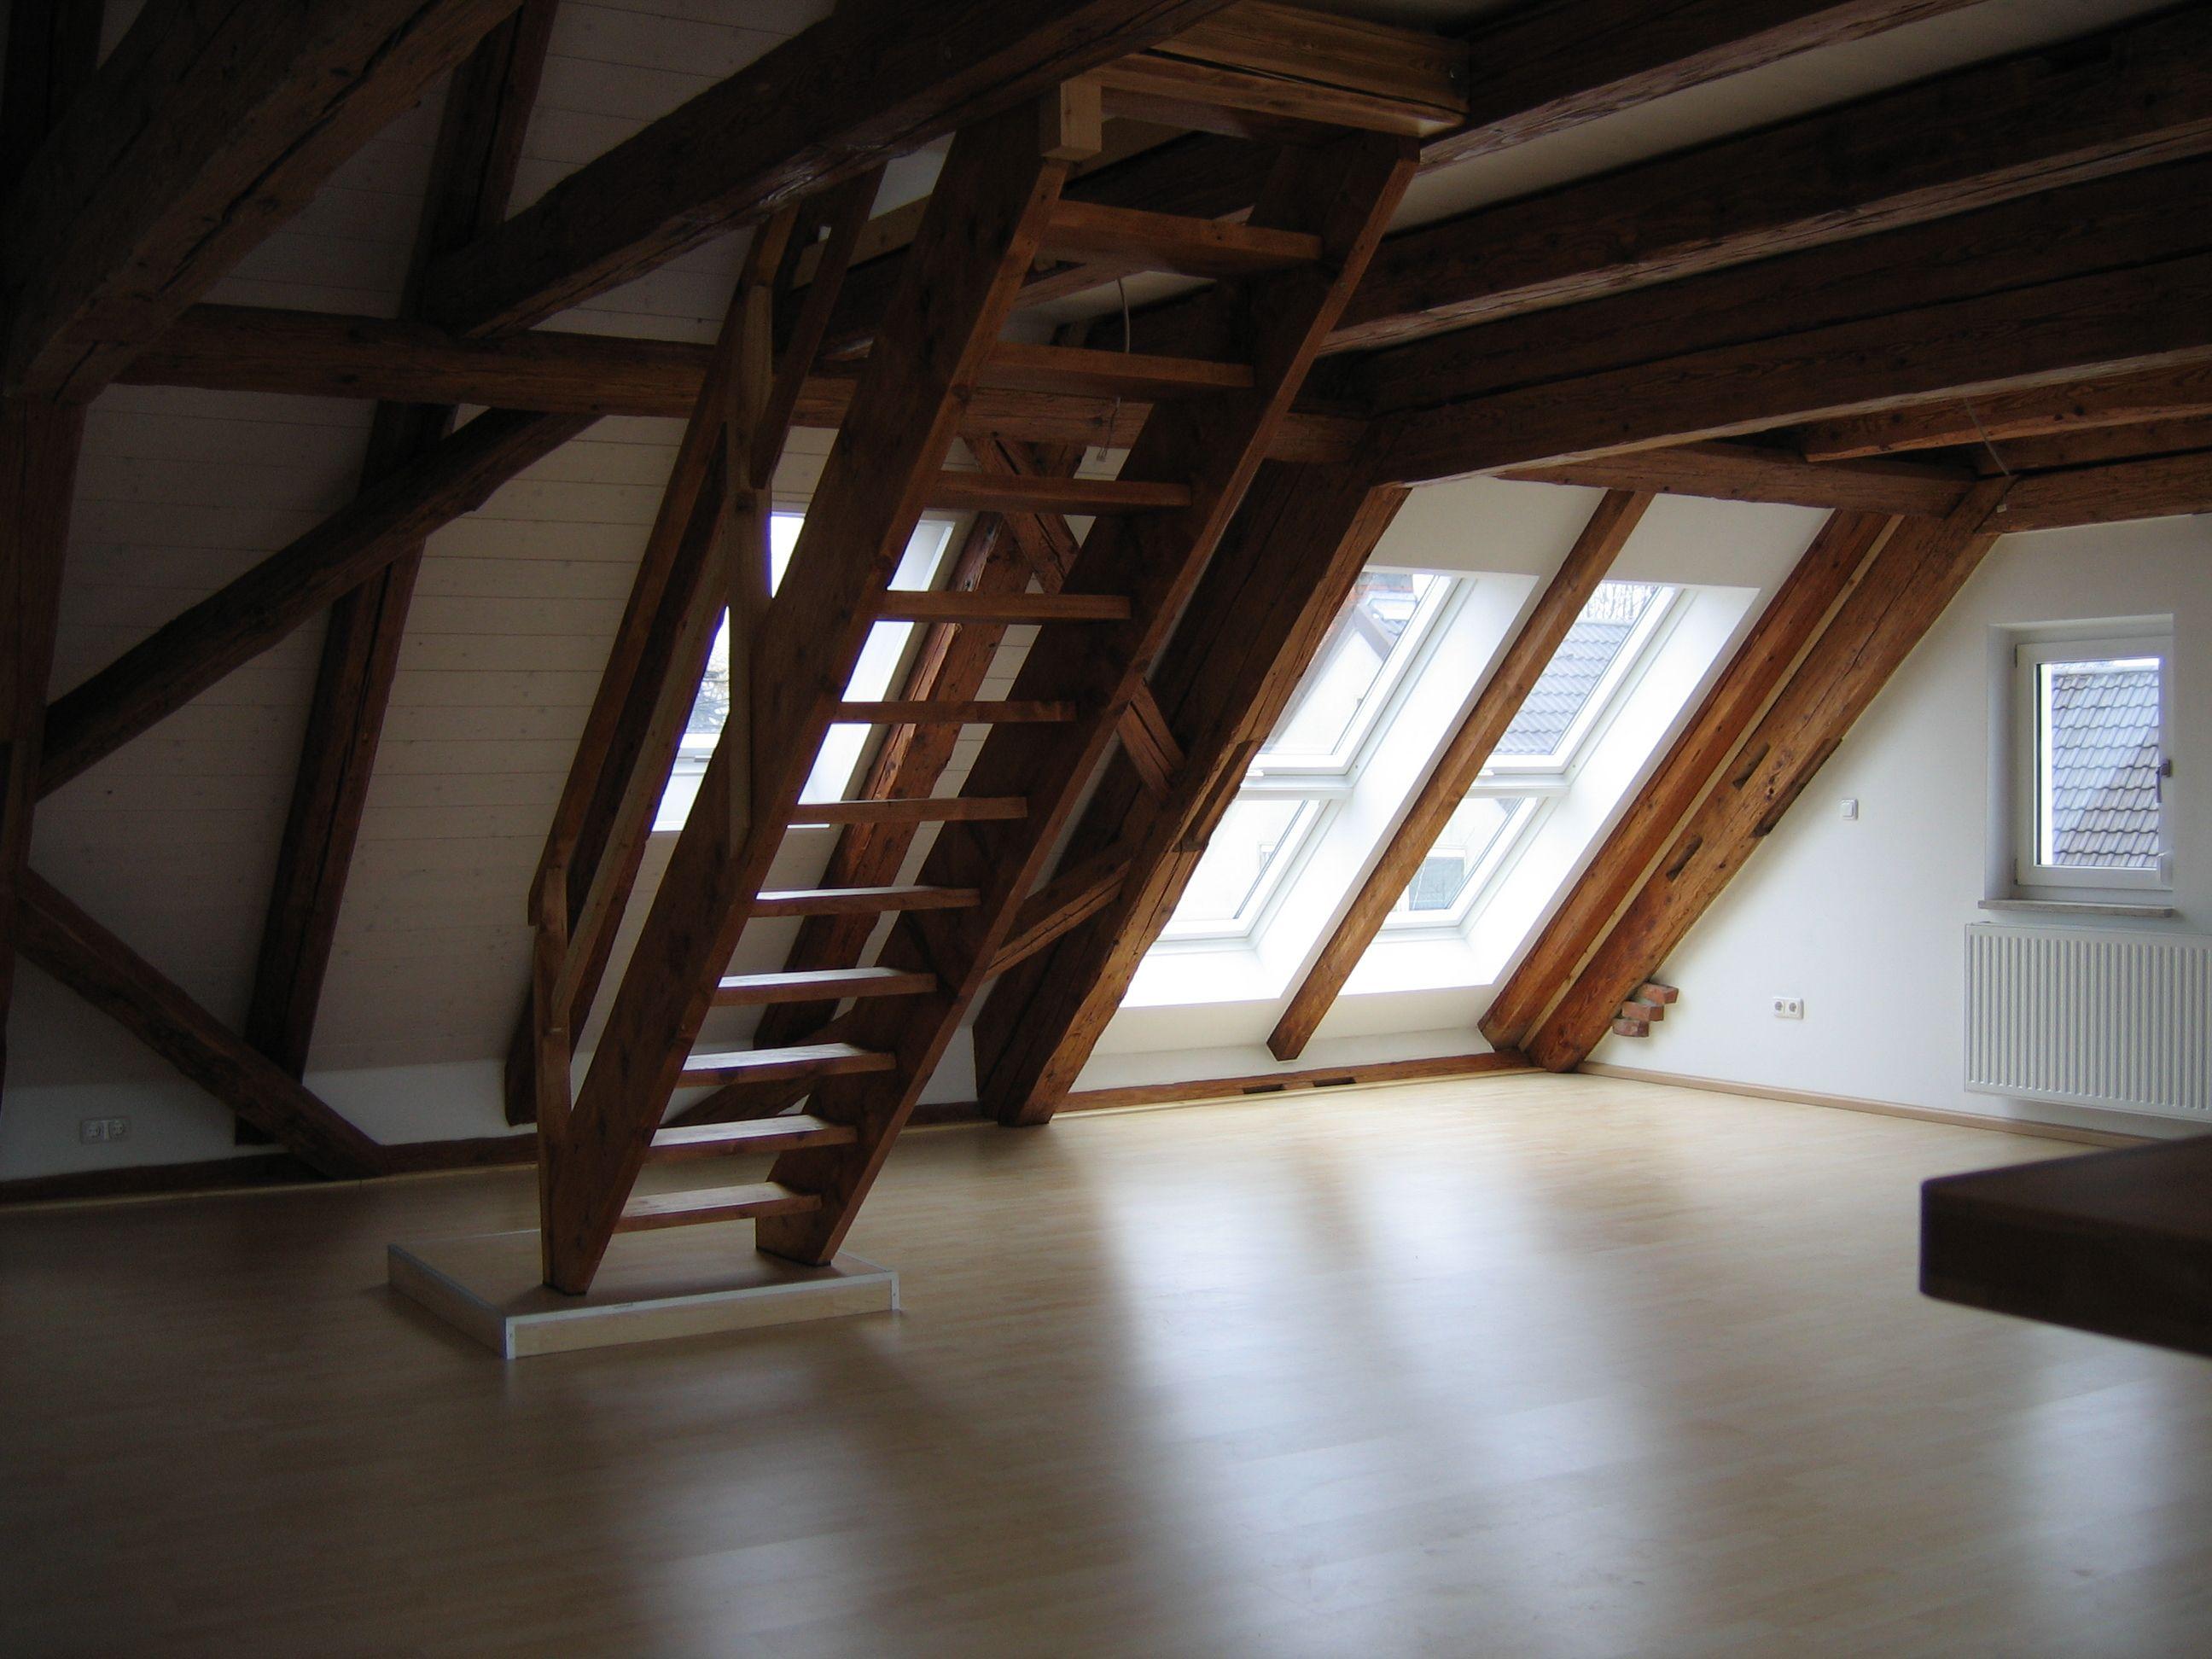 dachgeschossausbau bild 2 jetzt renoviert dachfl chenfenster bringen helligkeit renovierte. Black Bedroom Furniture Sets. Home Design Ideas